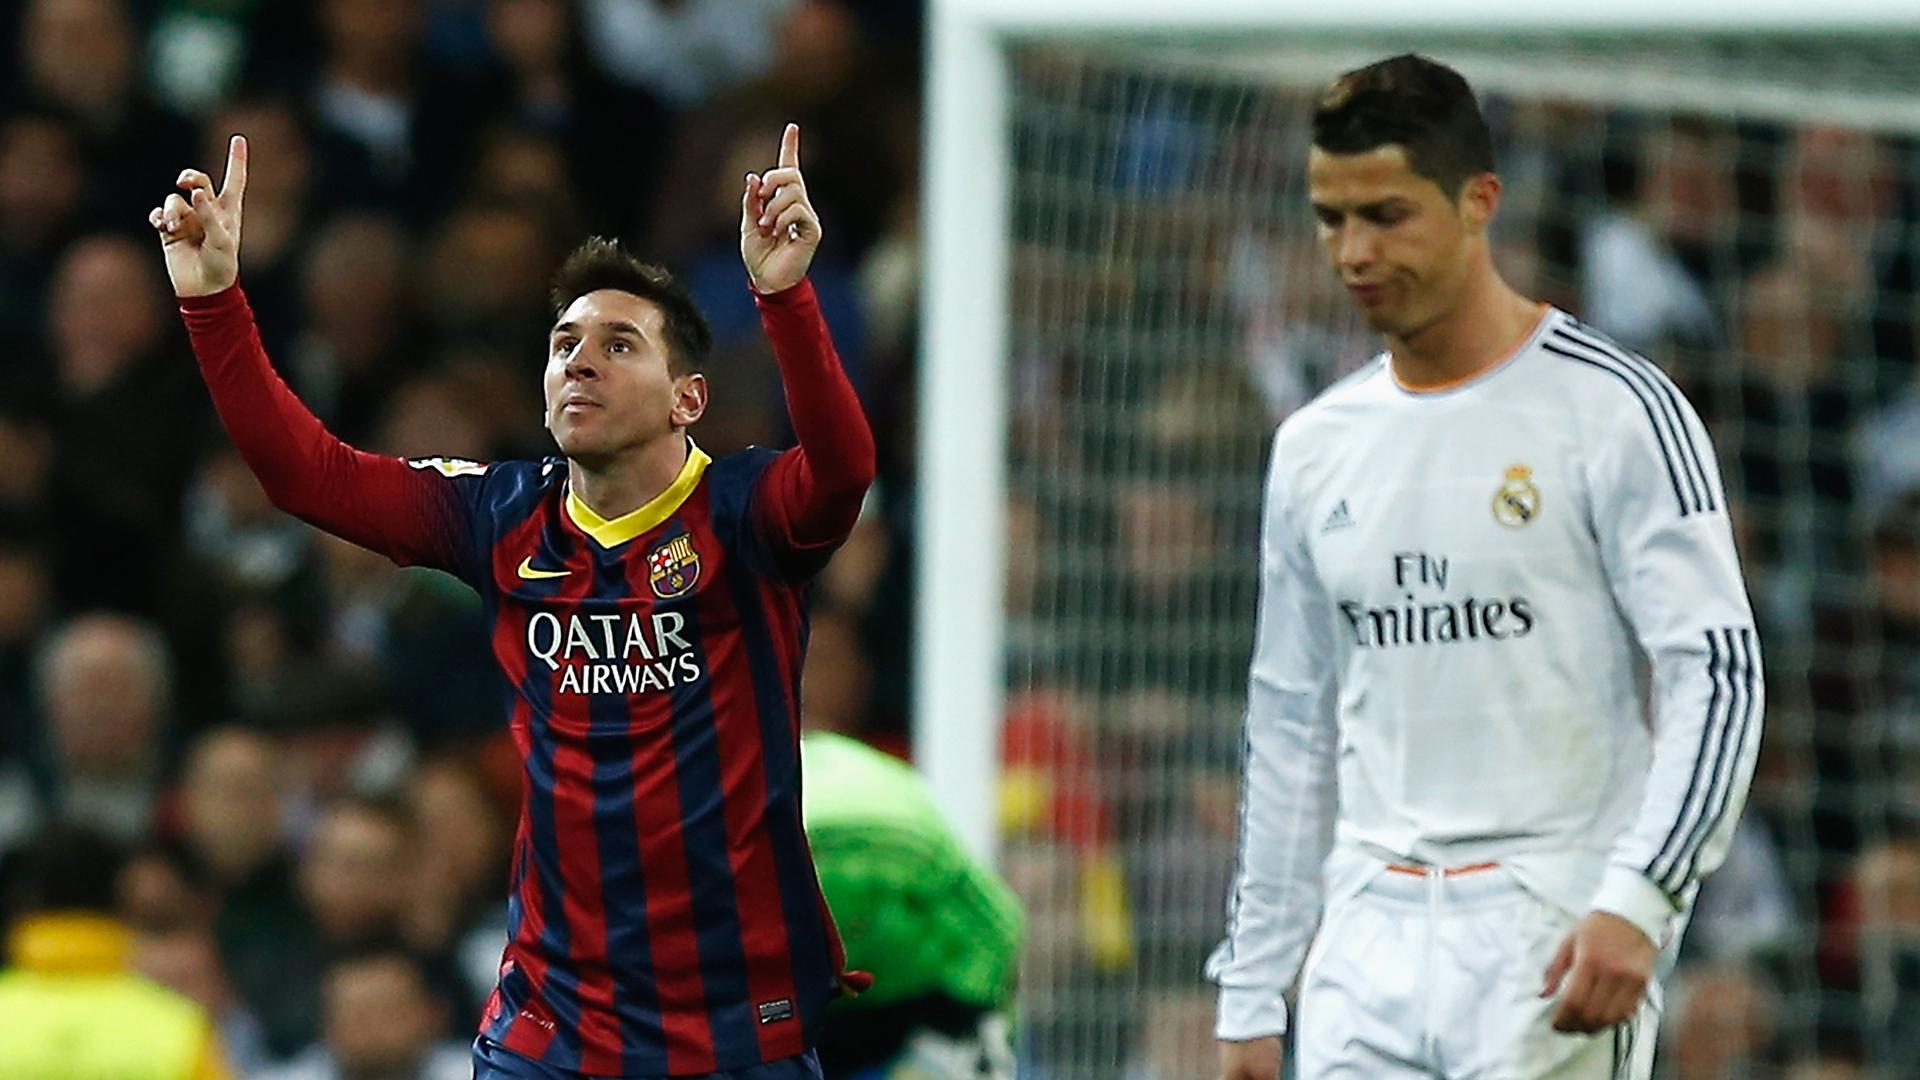 Cristiano Ronaldo Lionel Messi Real Madrid Barcelona La Liga 2013-14